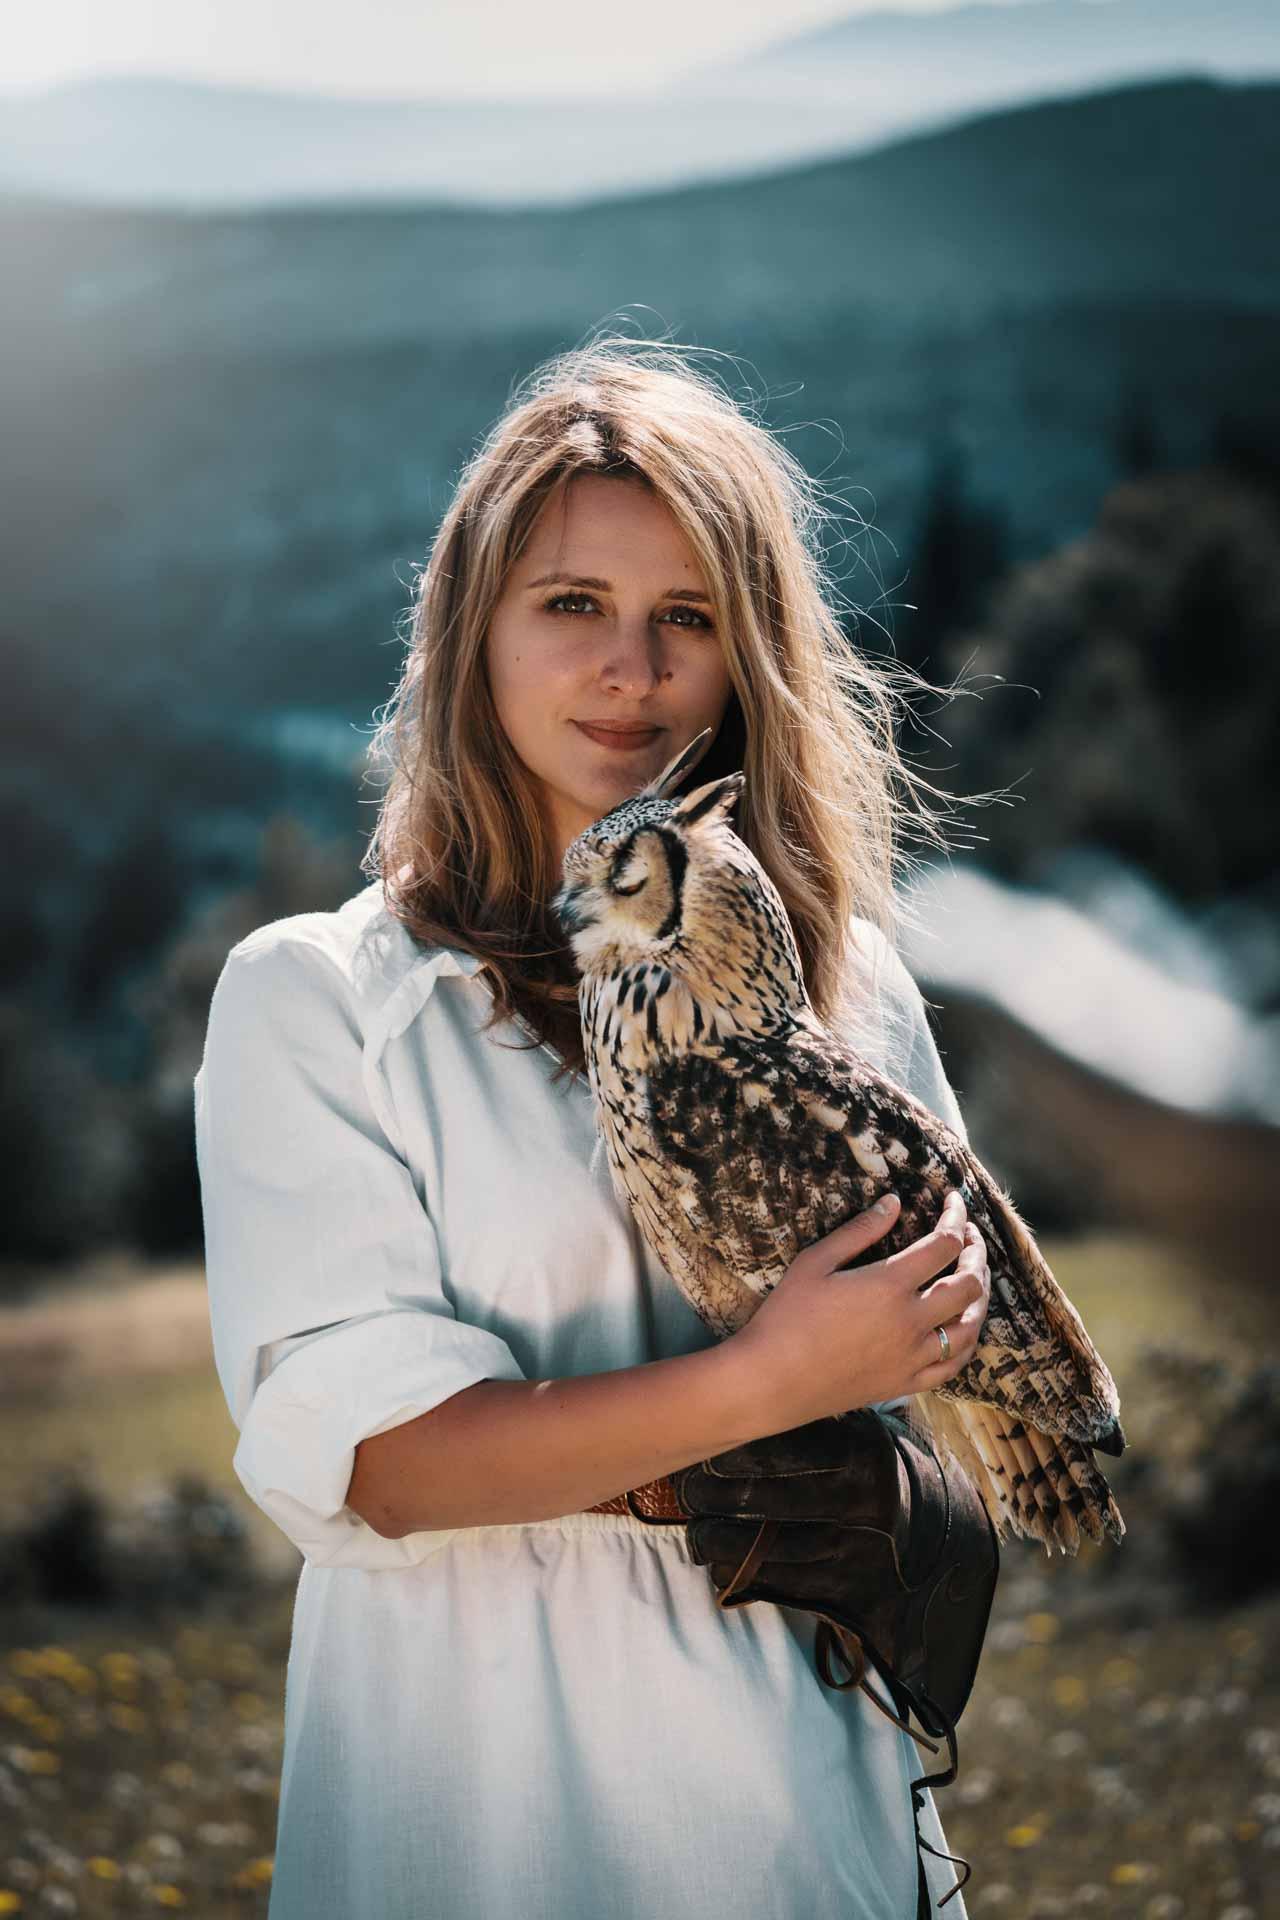 sesja z sową dzikimi ptakami dziewczyna portret